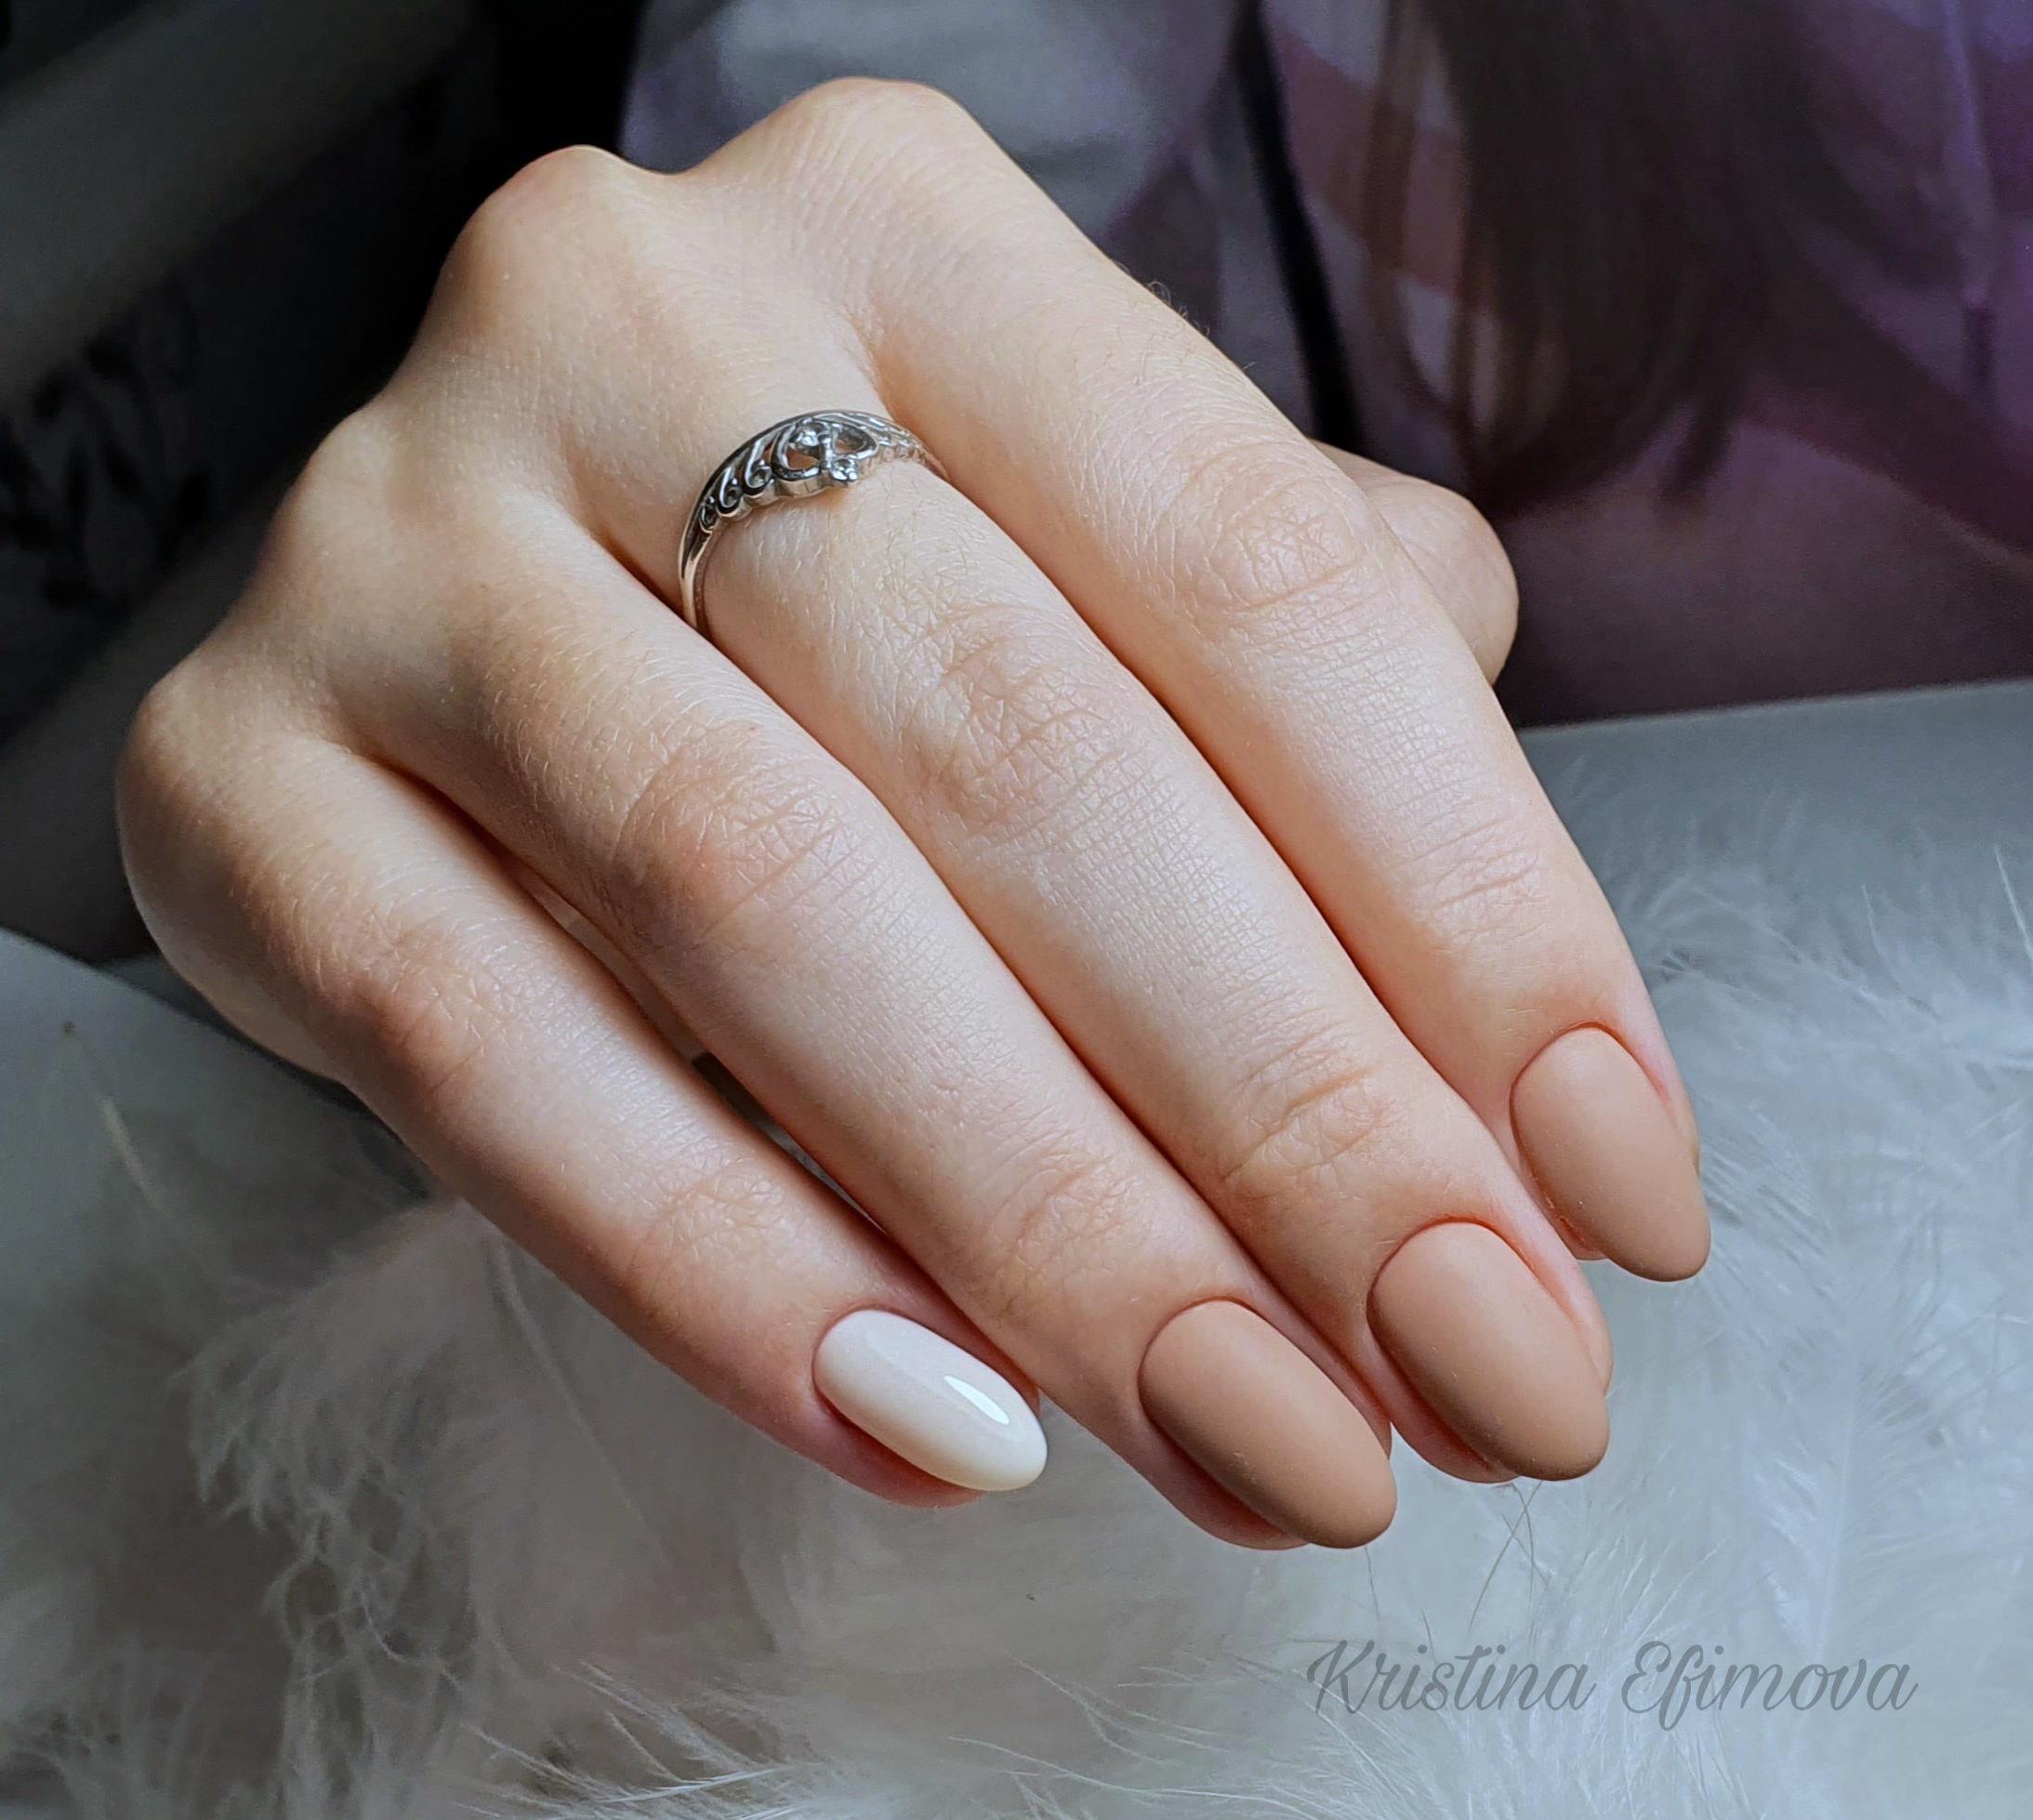 Матовый маникюр в бежевом цвете на короткие ногти.